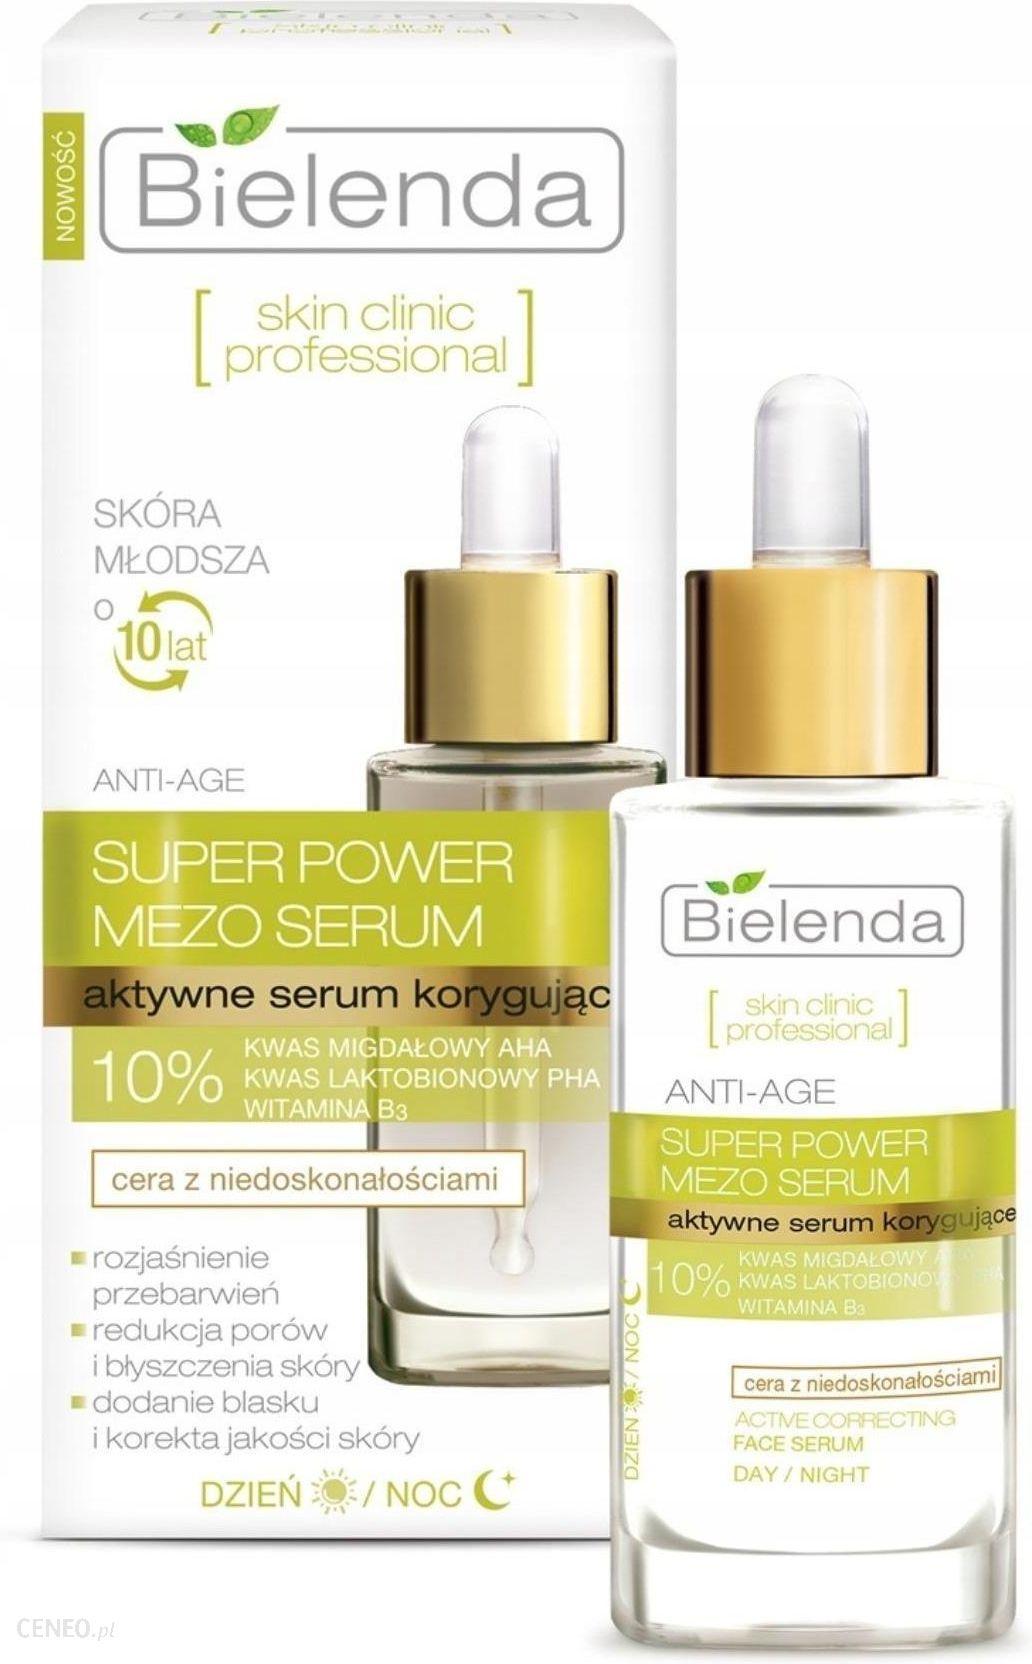 Bielenda Skin Clinic Professional Aktywne Serum Korygujące na Dzień i Noc 30ml